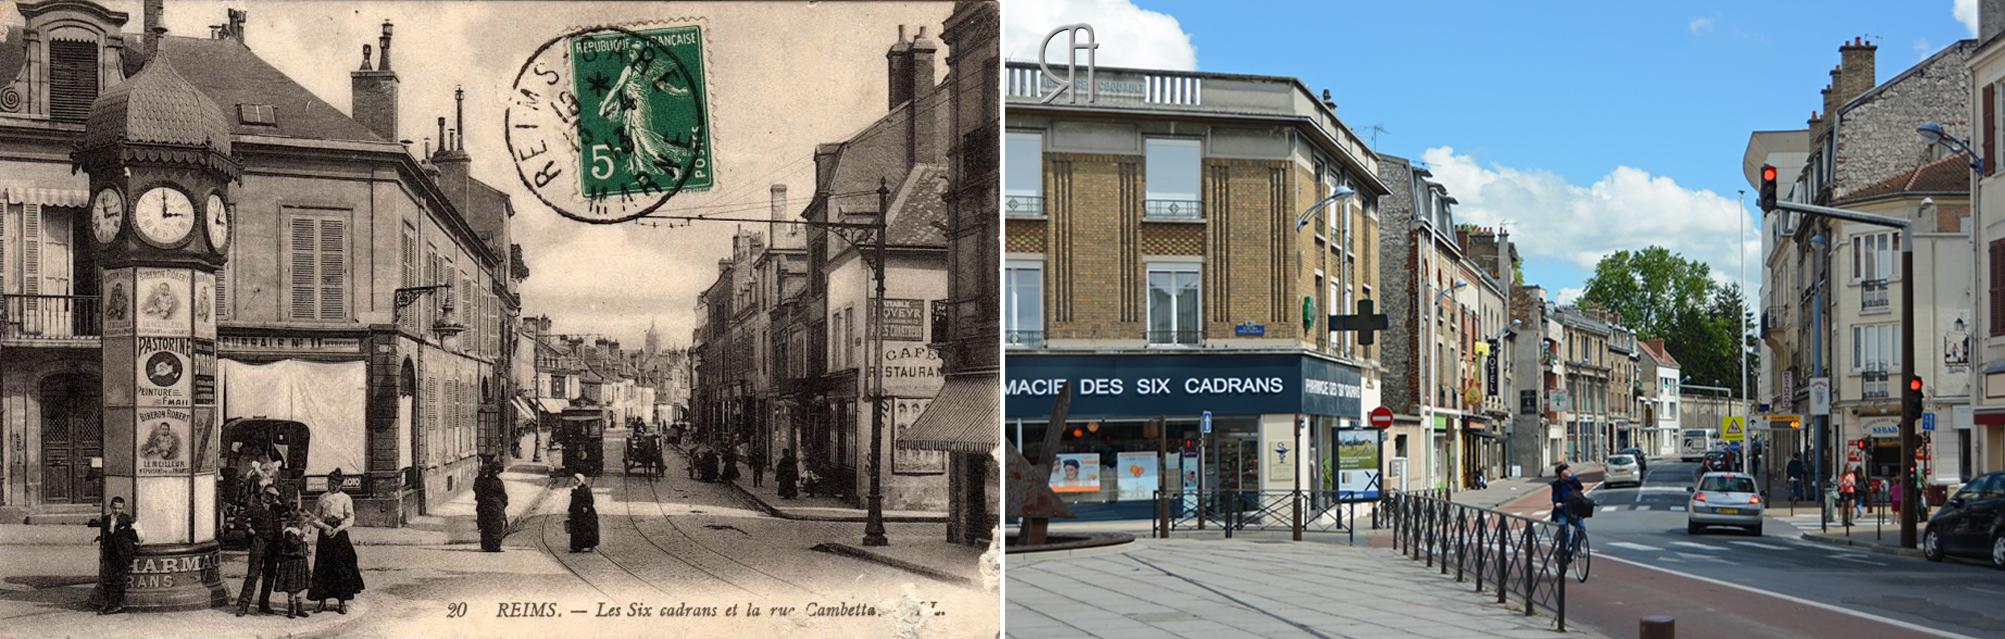 Place des Loges-Coquault - Place des Six-Cadrans